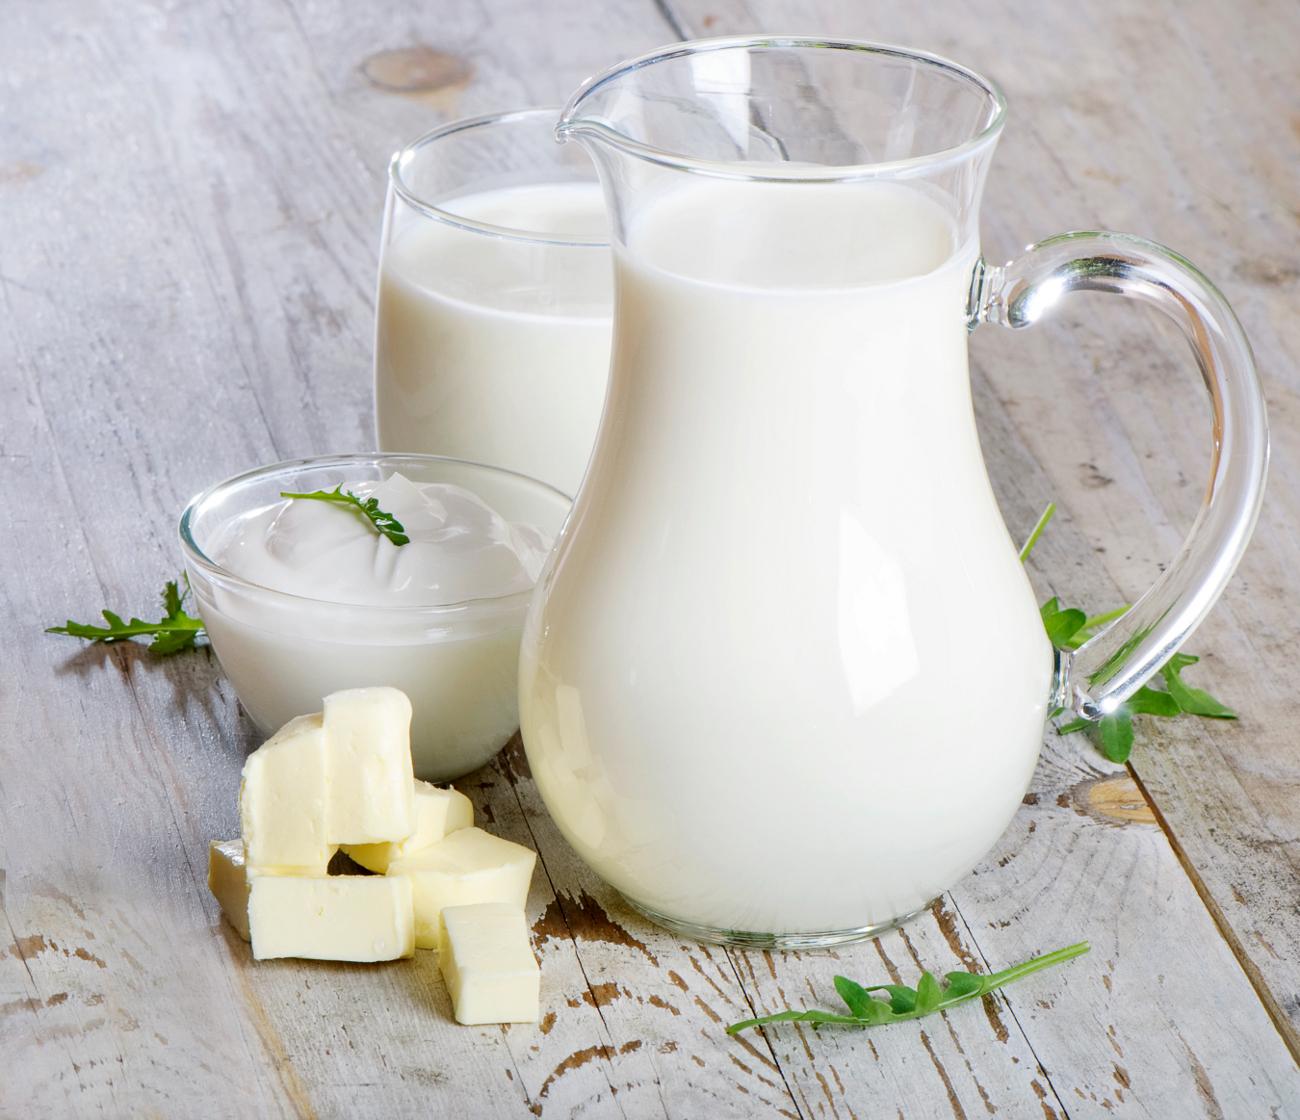 cách làm bơ từ sữa tươi tại nhà